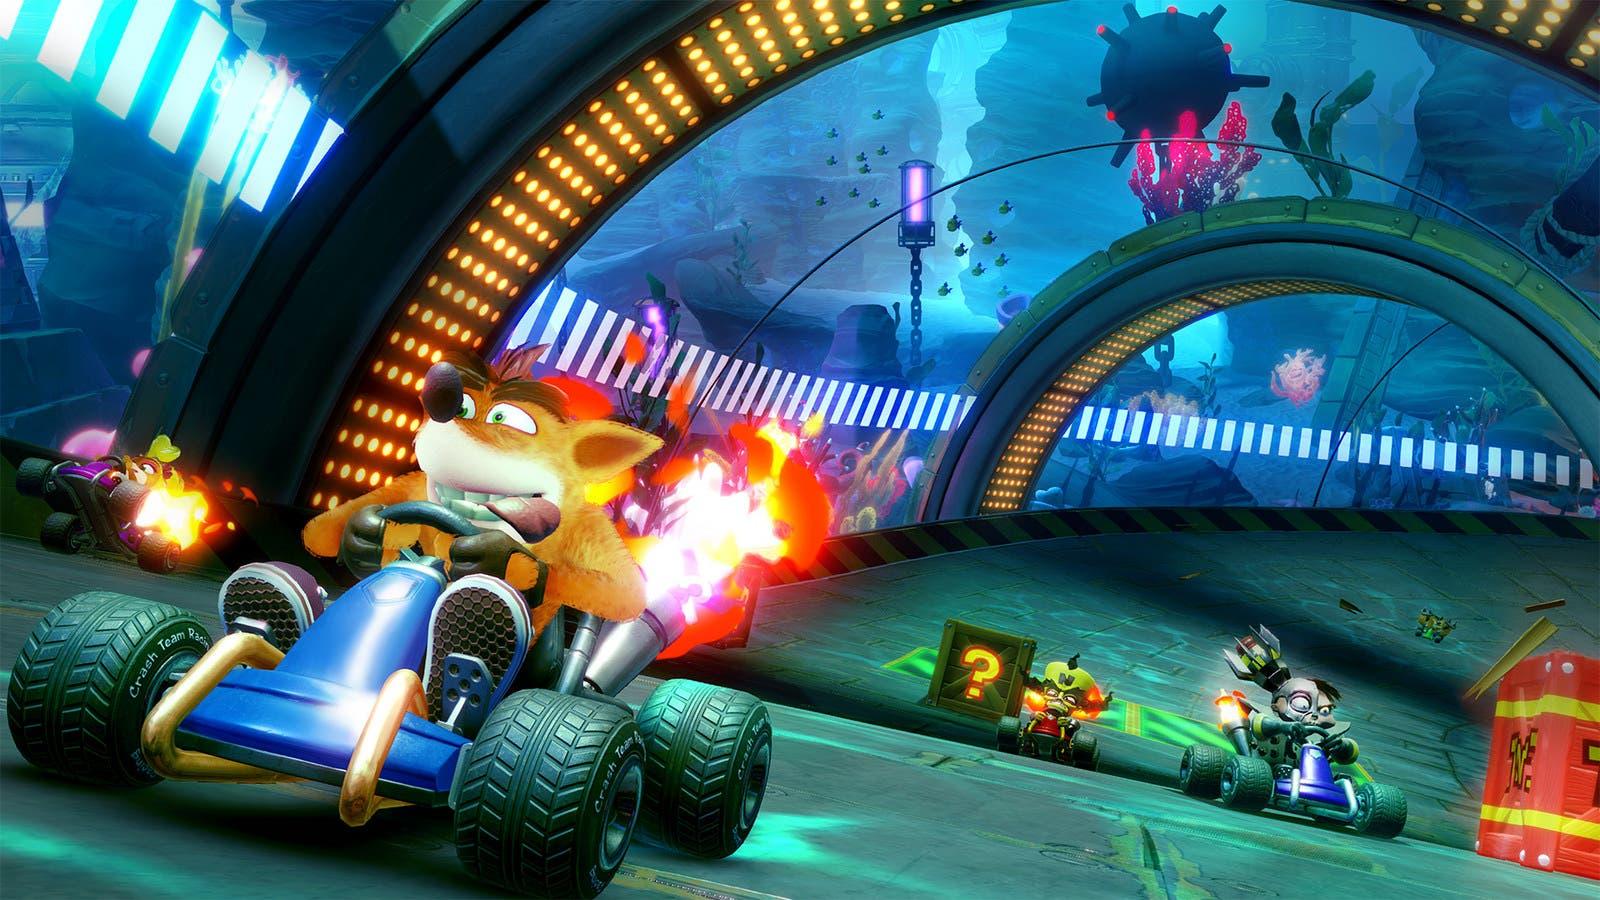 Imagen de Crash Team Racing: Nitro Fueled traerá de vuelta el aclamado juego de conducción